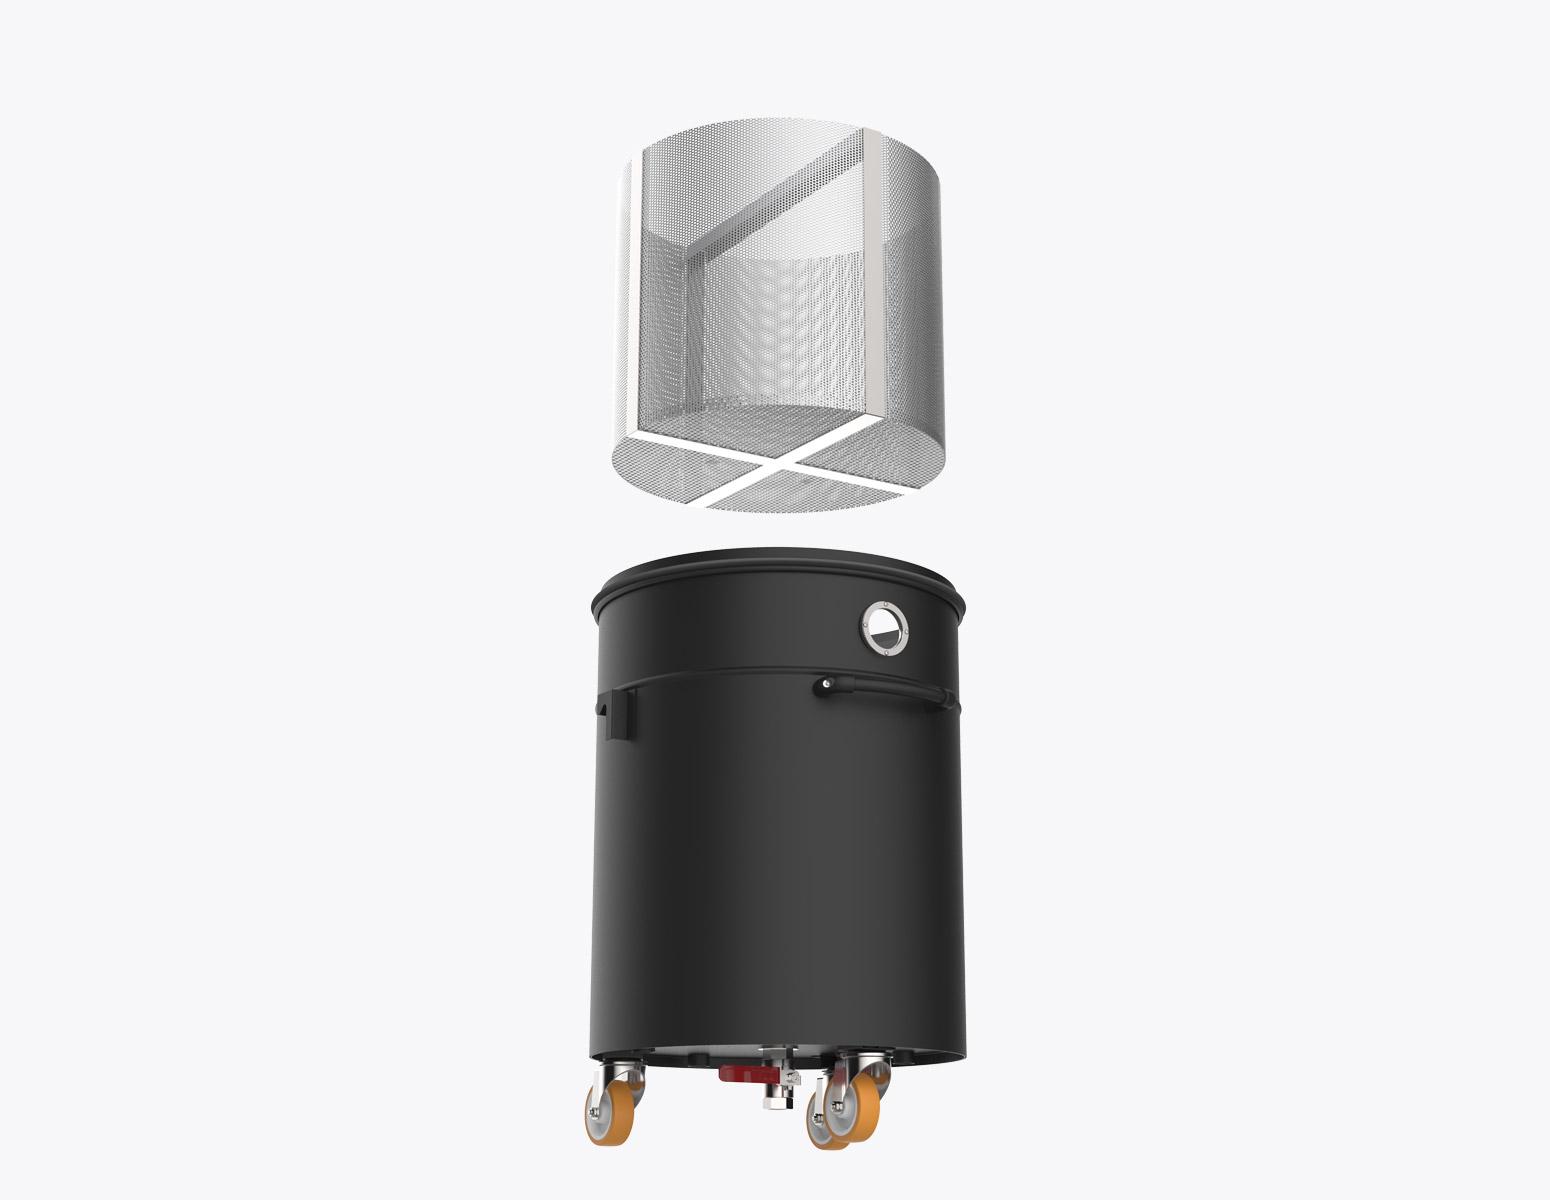 chip-separator-industrial-vacuum-cleaners-ivision-vacuum